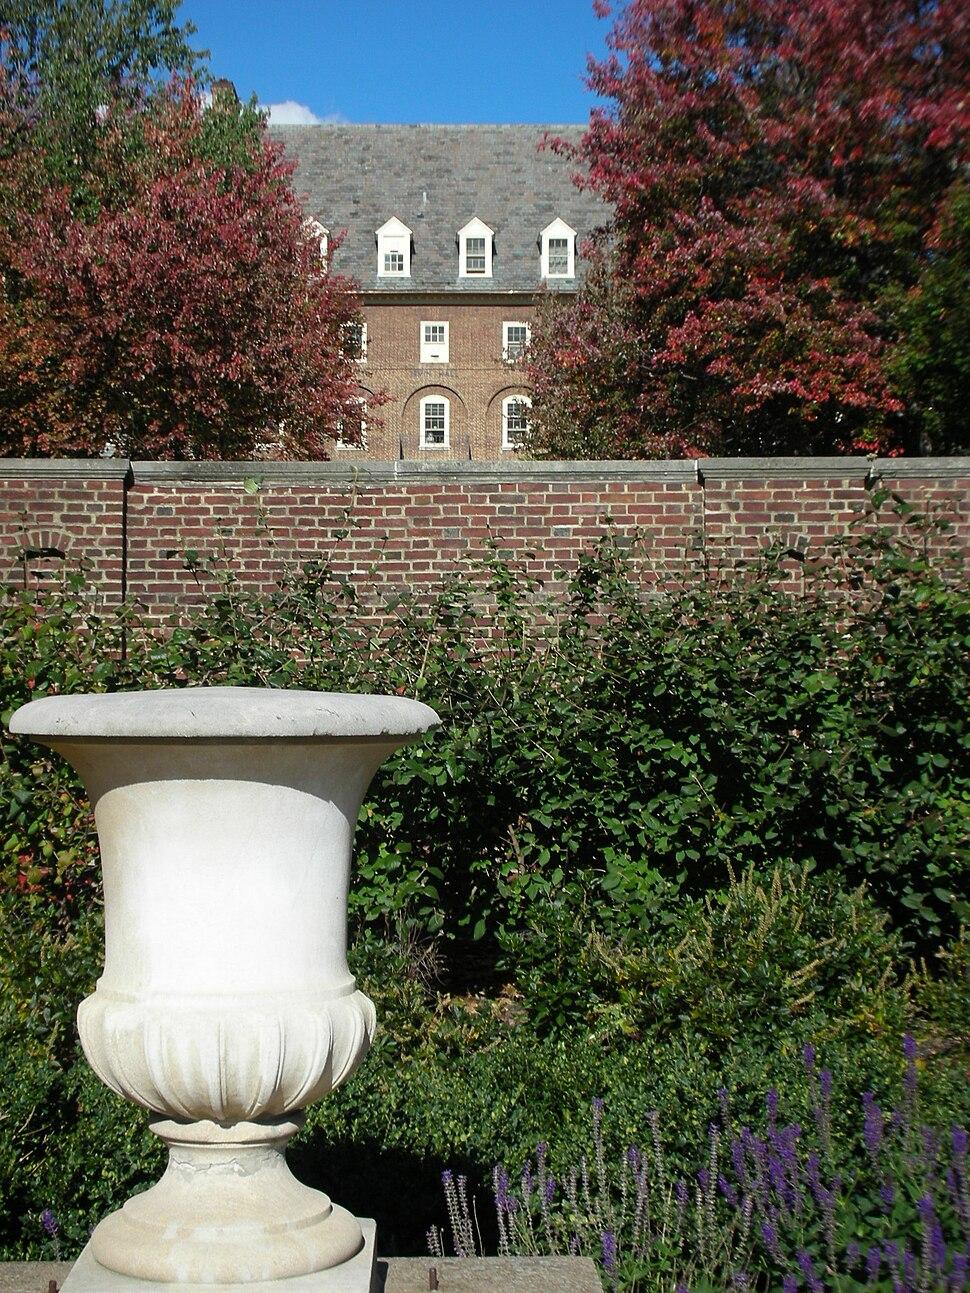 PSU residence hall